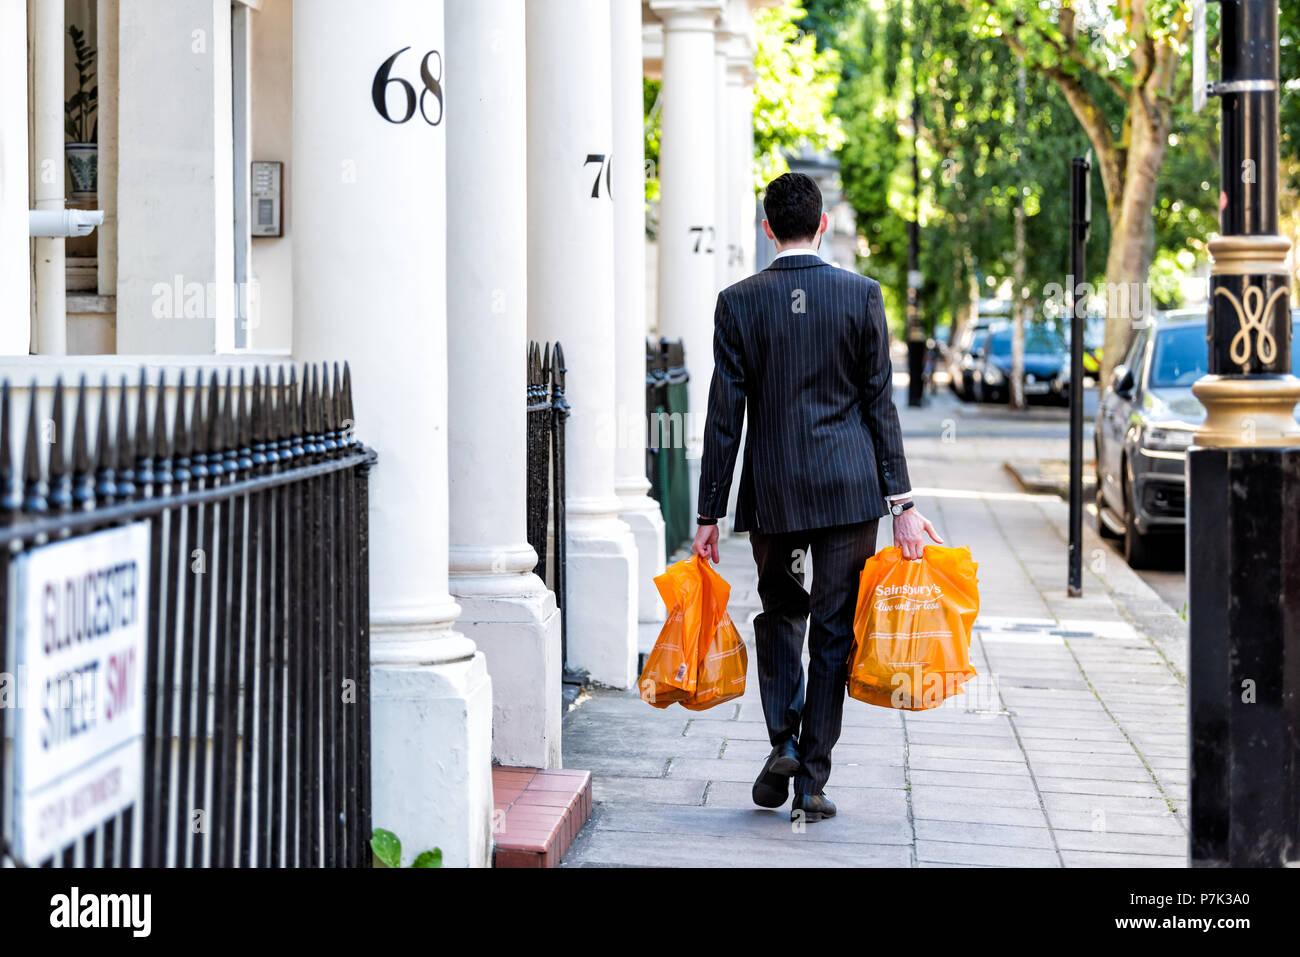 Londres, Reino Unido - 22 de junio de 2018: barrio de Pimlico, Gloucester Street, empresario hombre llevando bolsas de compras de supermercado en la tarde después del trabajo Foto de stock